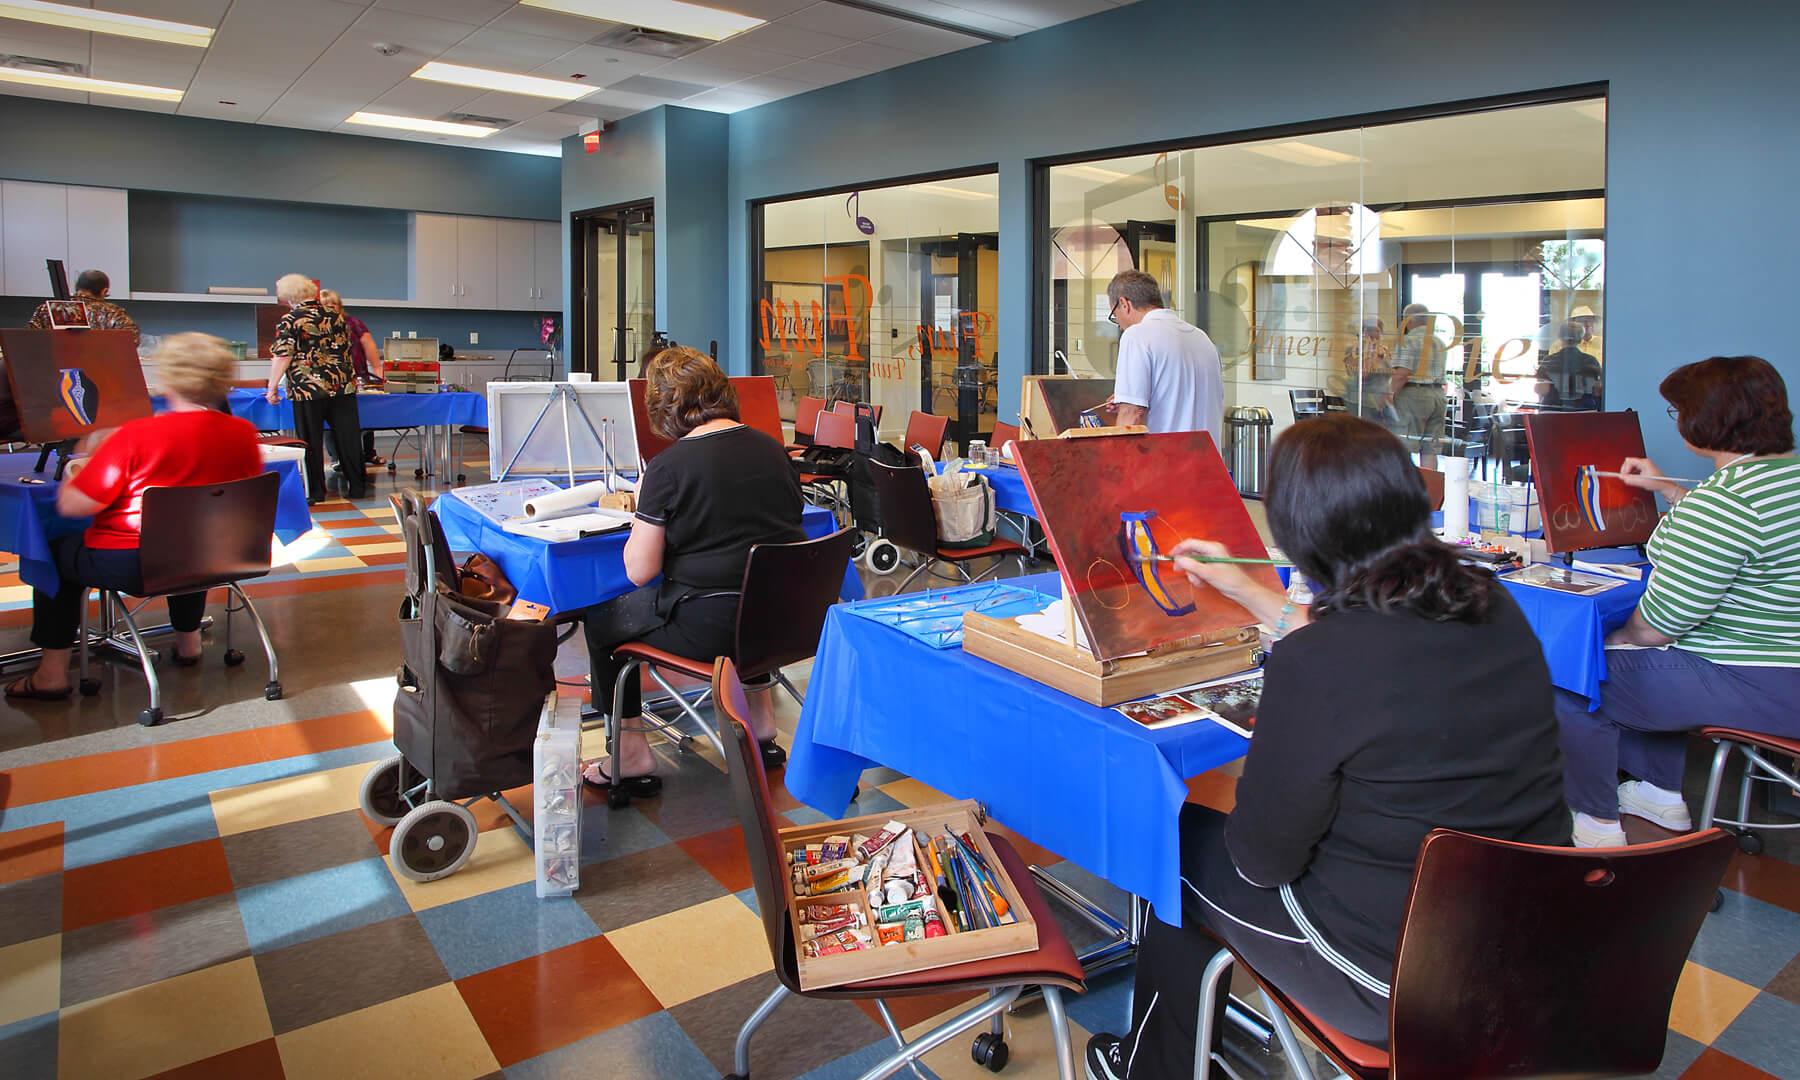 Enjoy painting classes at CantaMia at Estrella in Goodyear, AZ